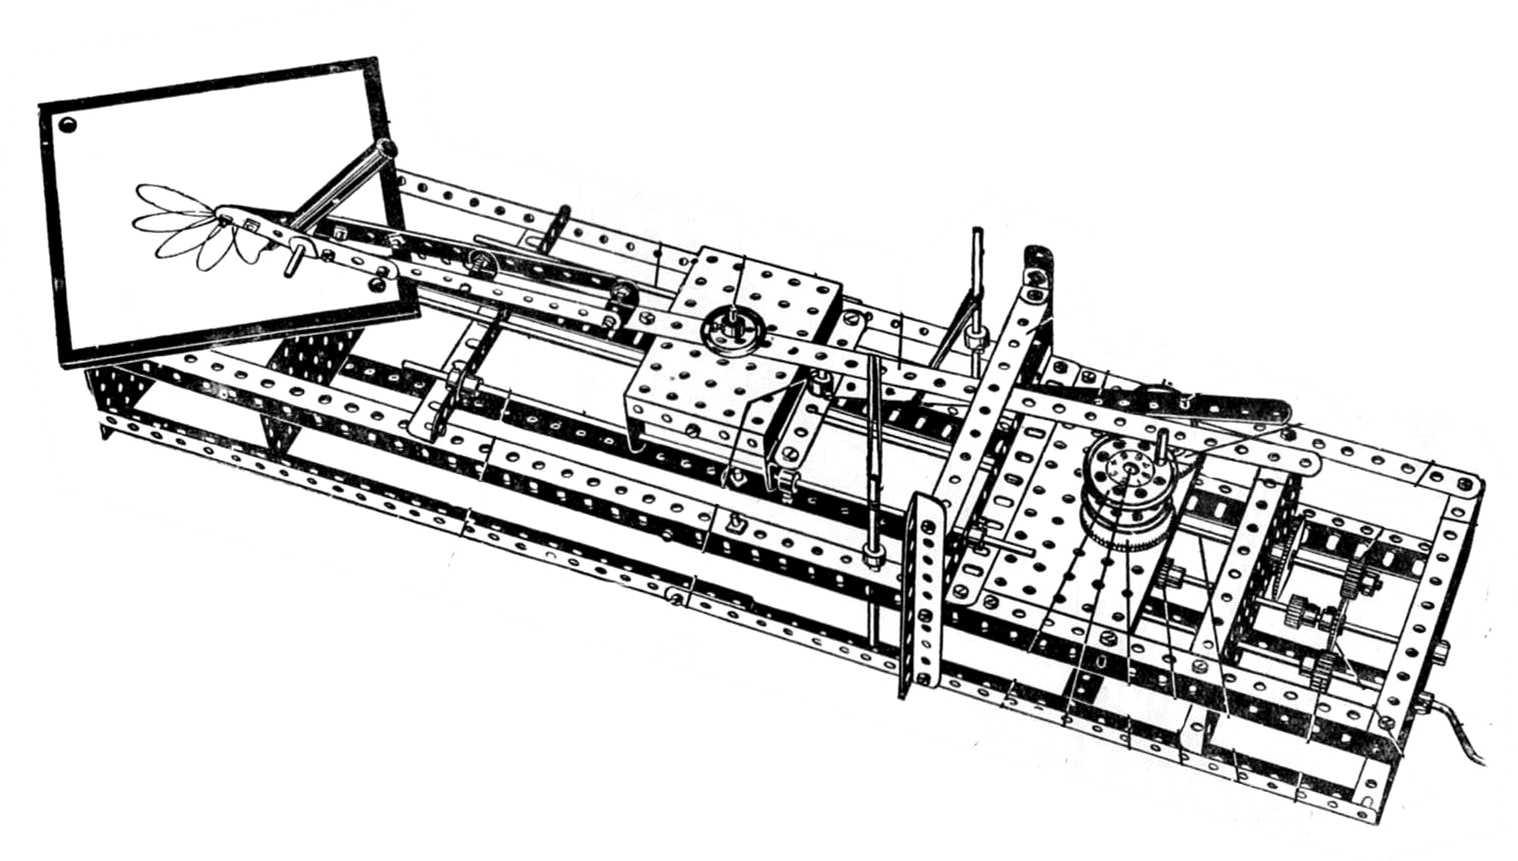 meccano 22 models instructions